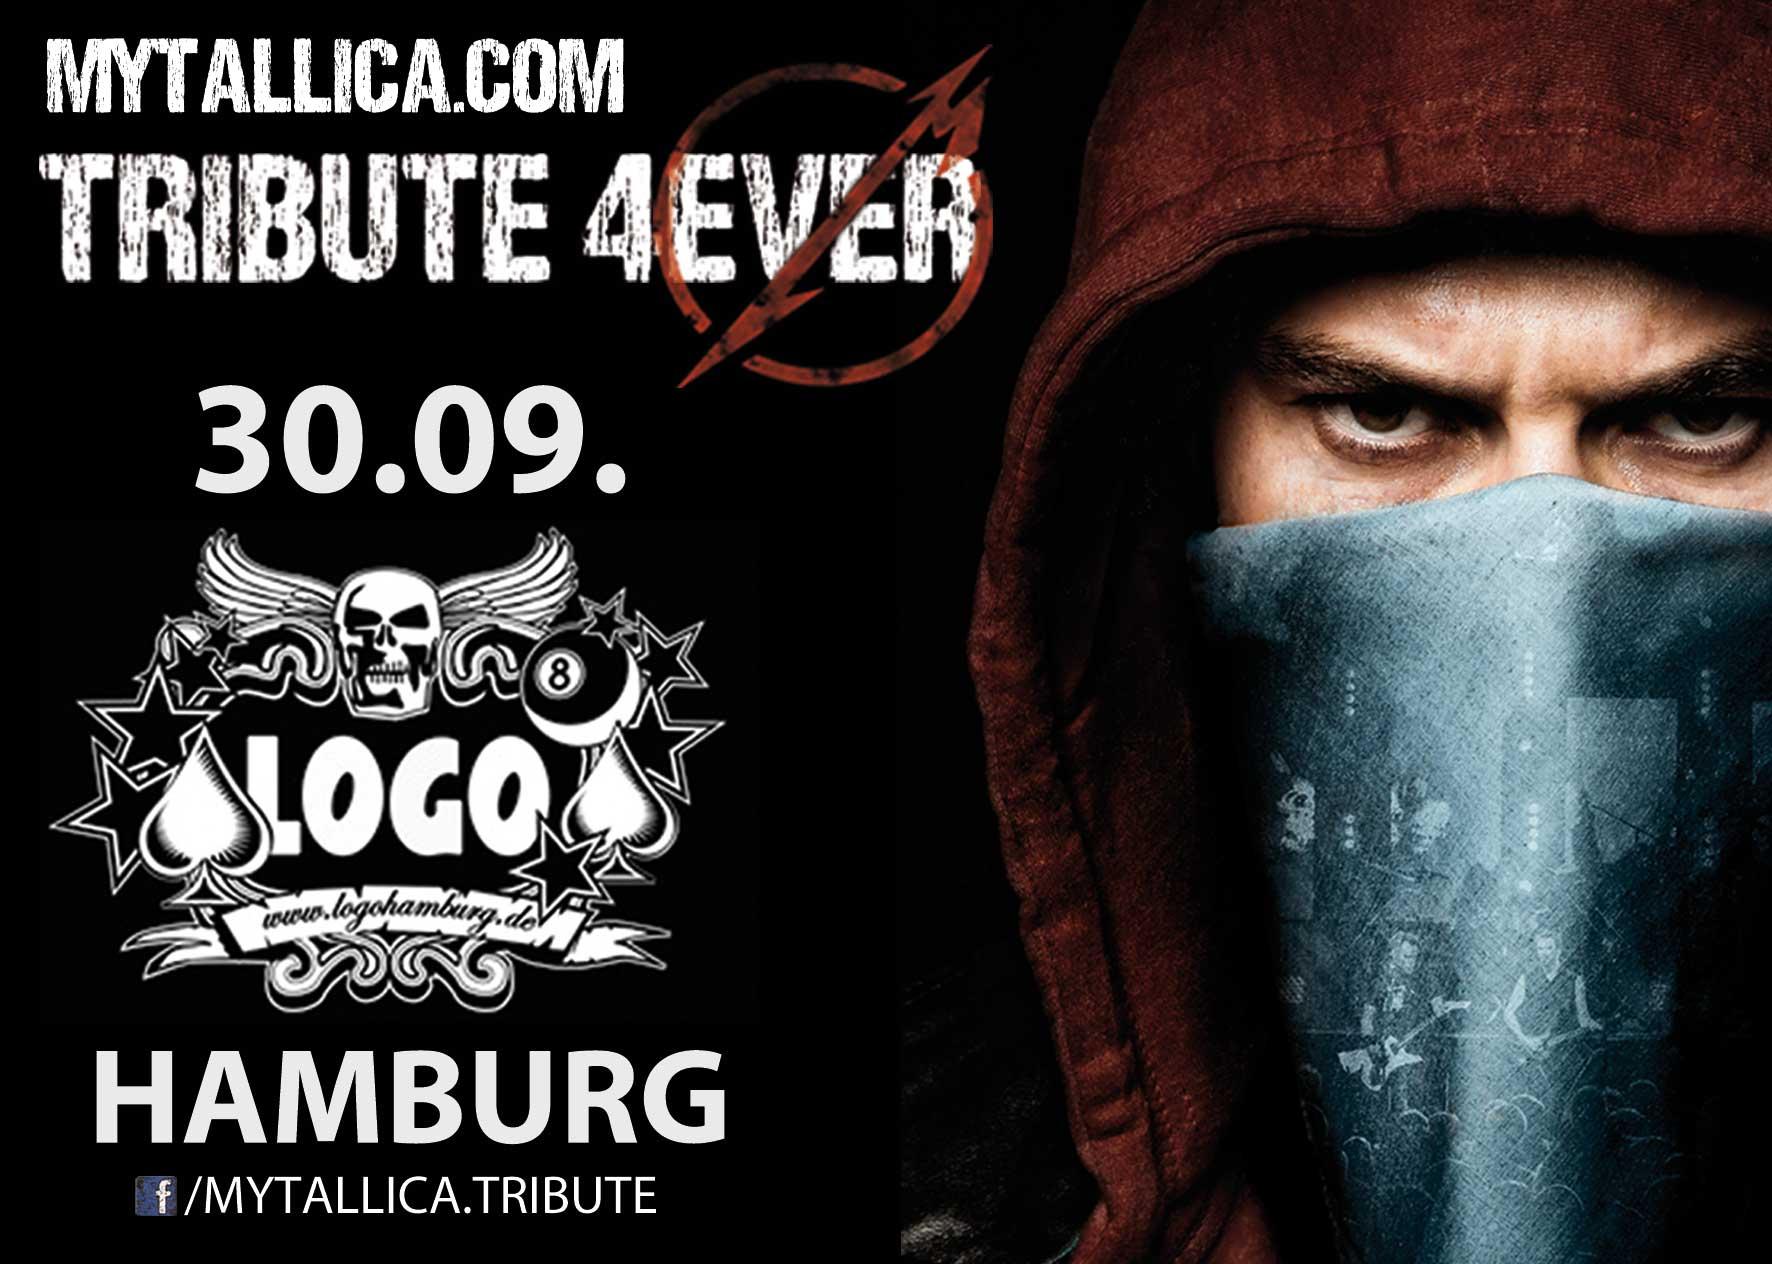 Metallica Tribute Band Coverband MY'TALLICA LOGO Hamburg Flyer 2016